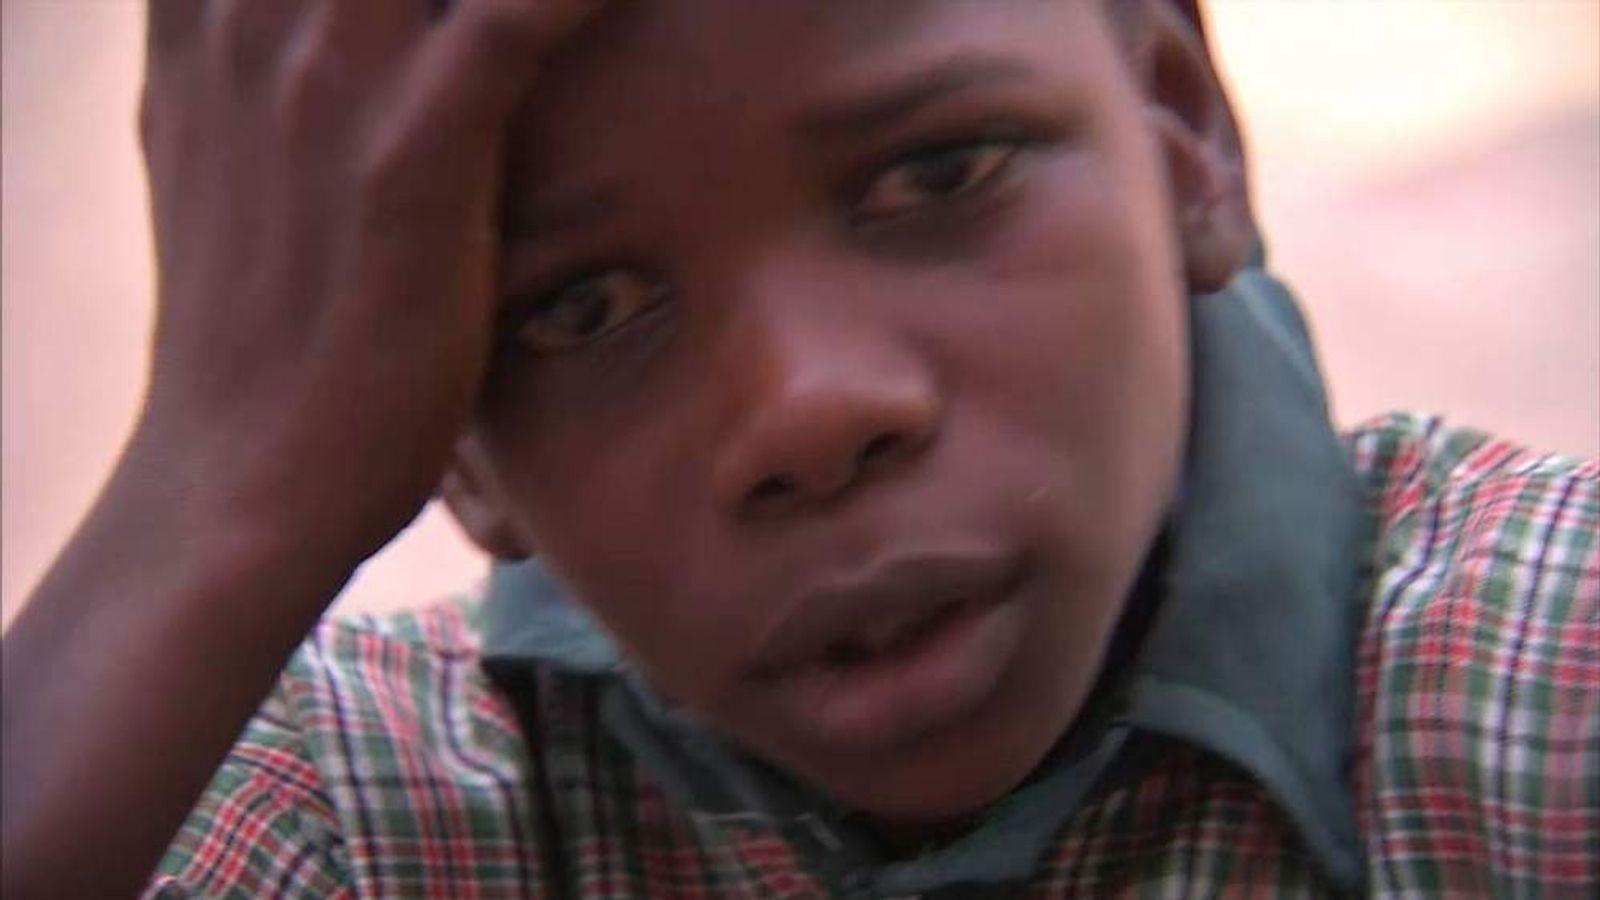 Nigeria: Crawford package